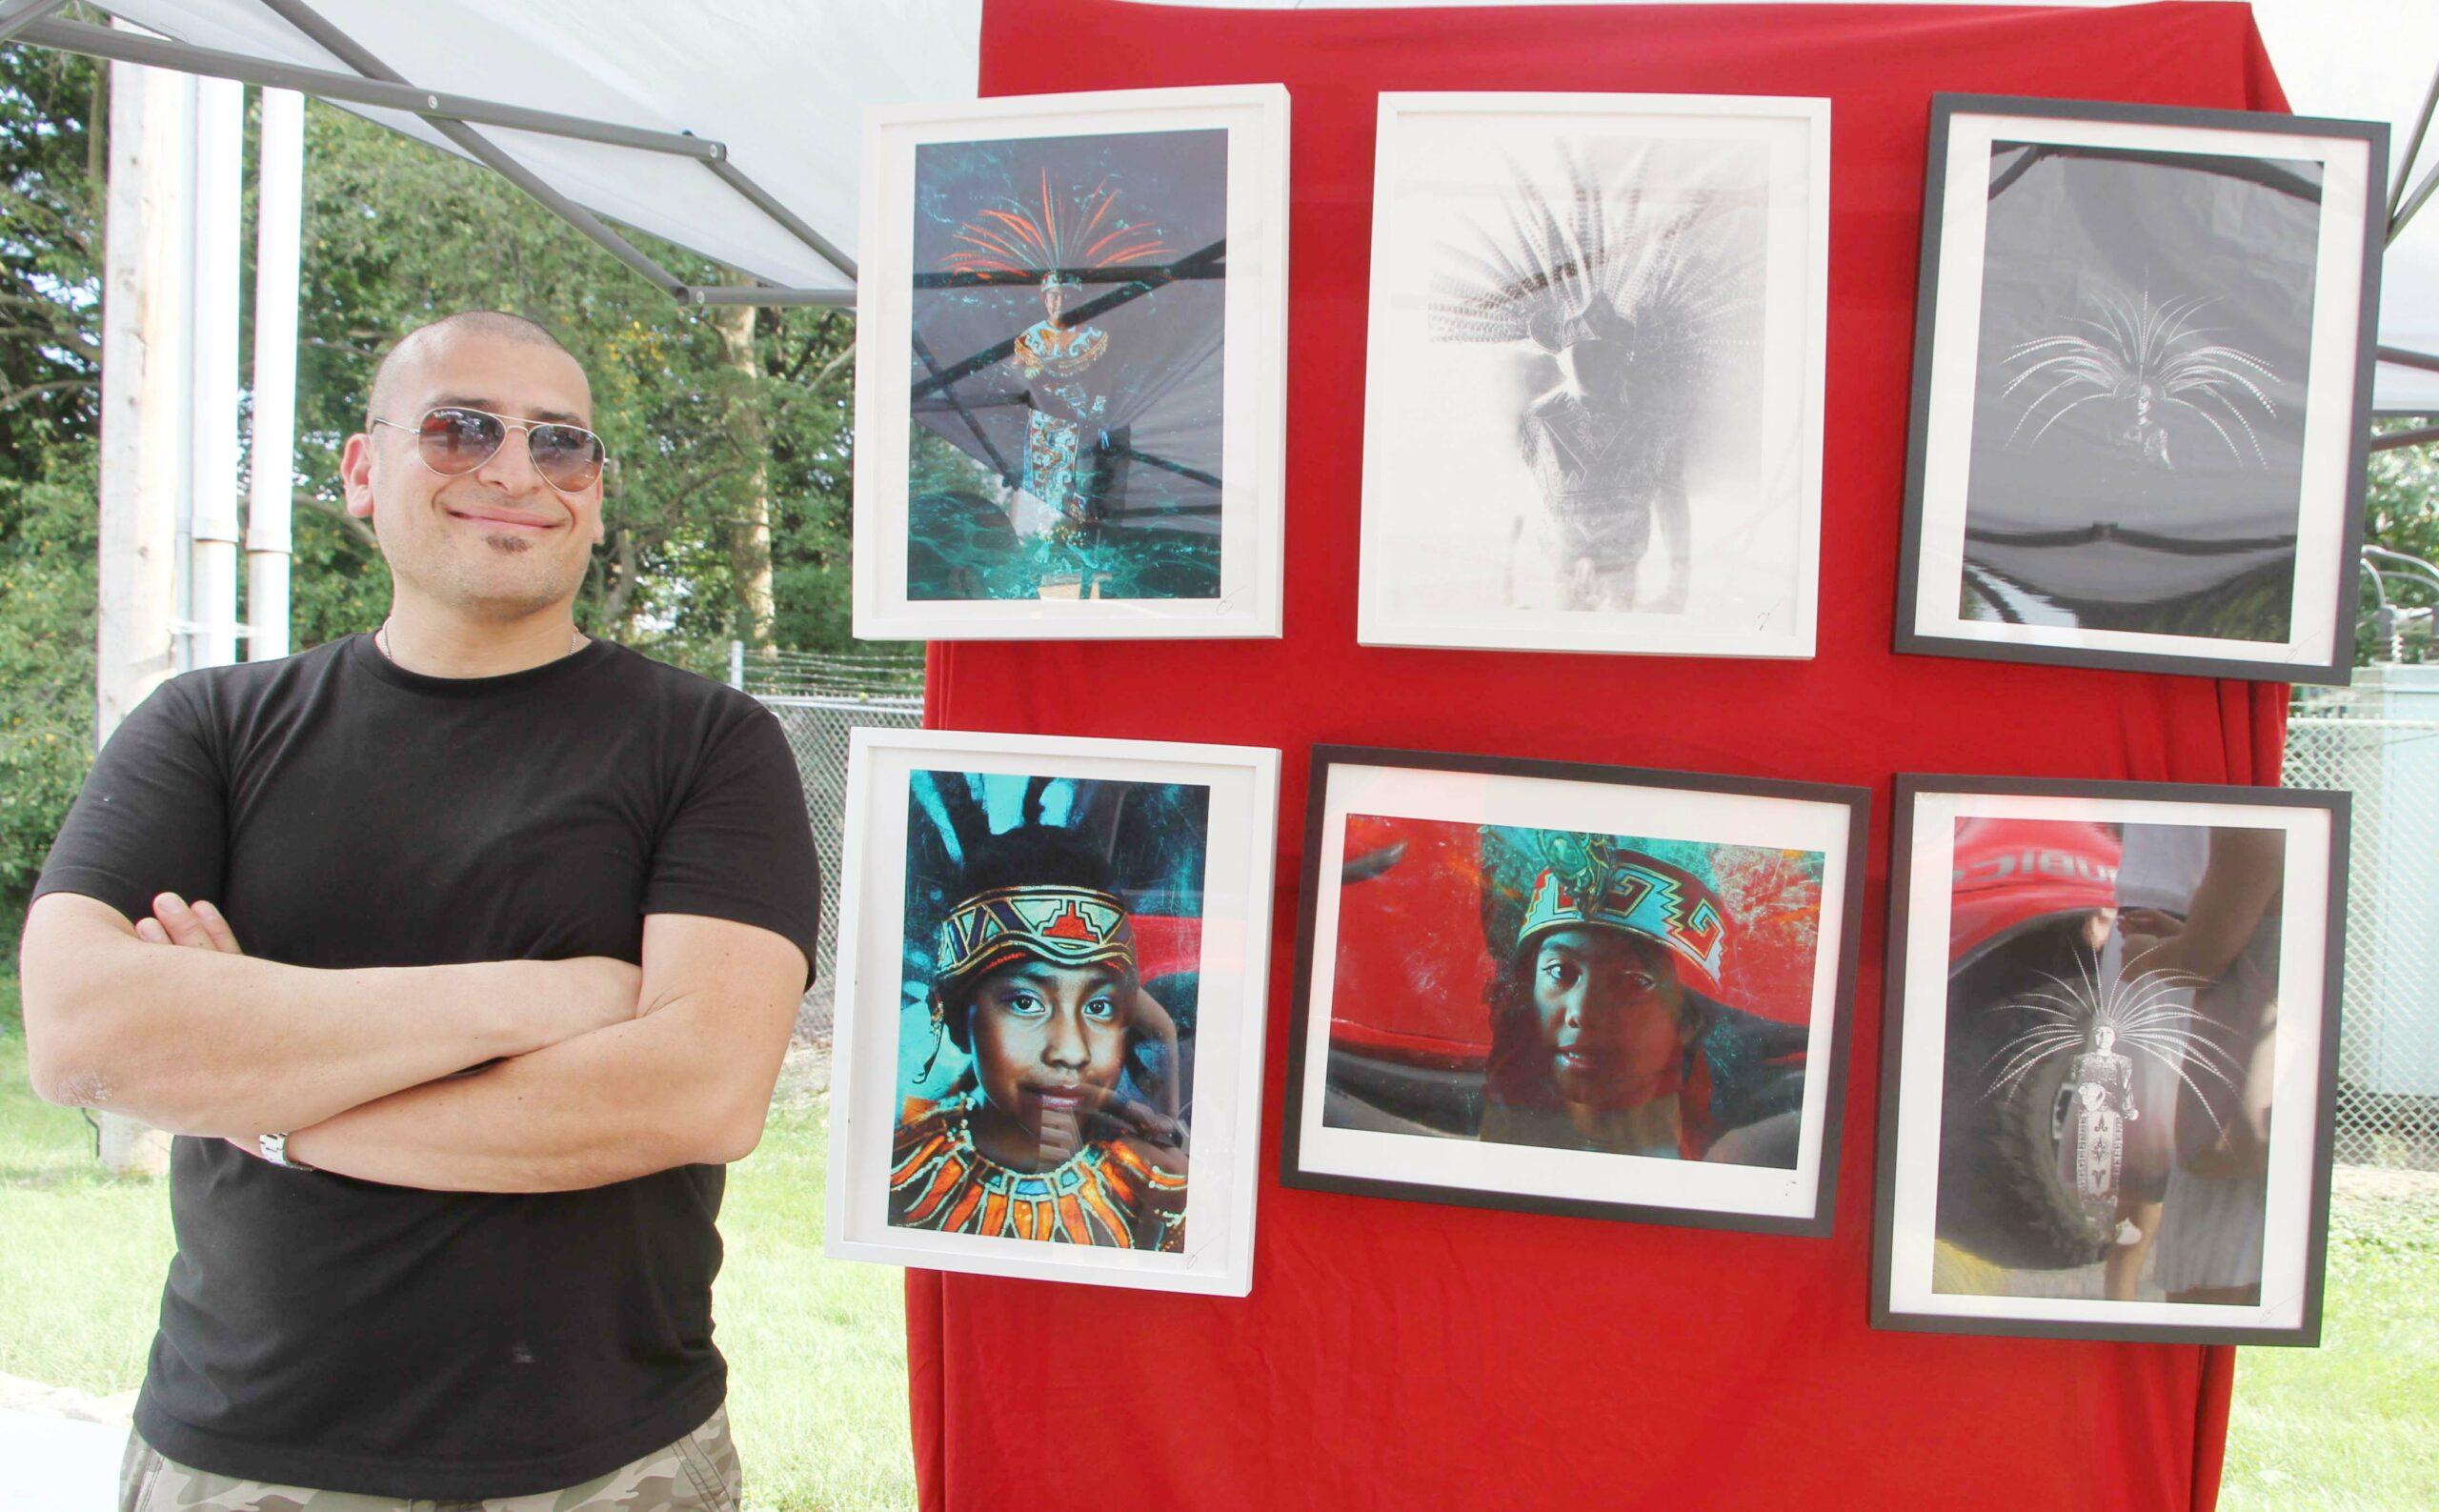 Zeus Corona con su exposición de fotos. Foto cortesía de La Comunidad News.